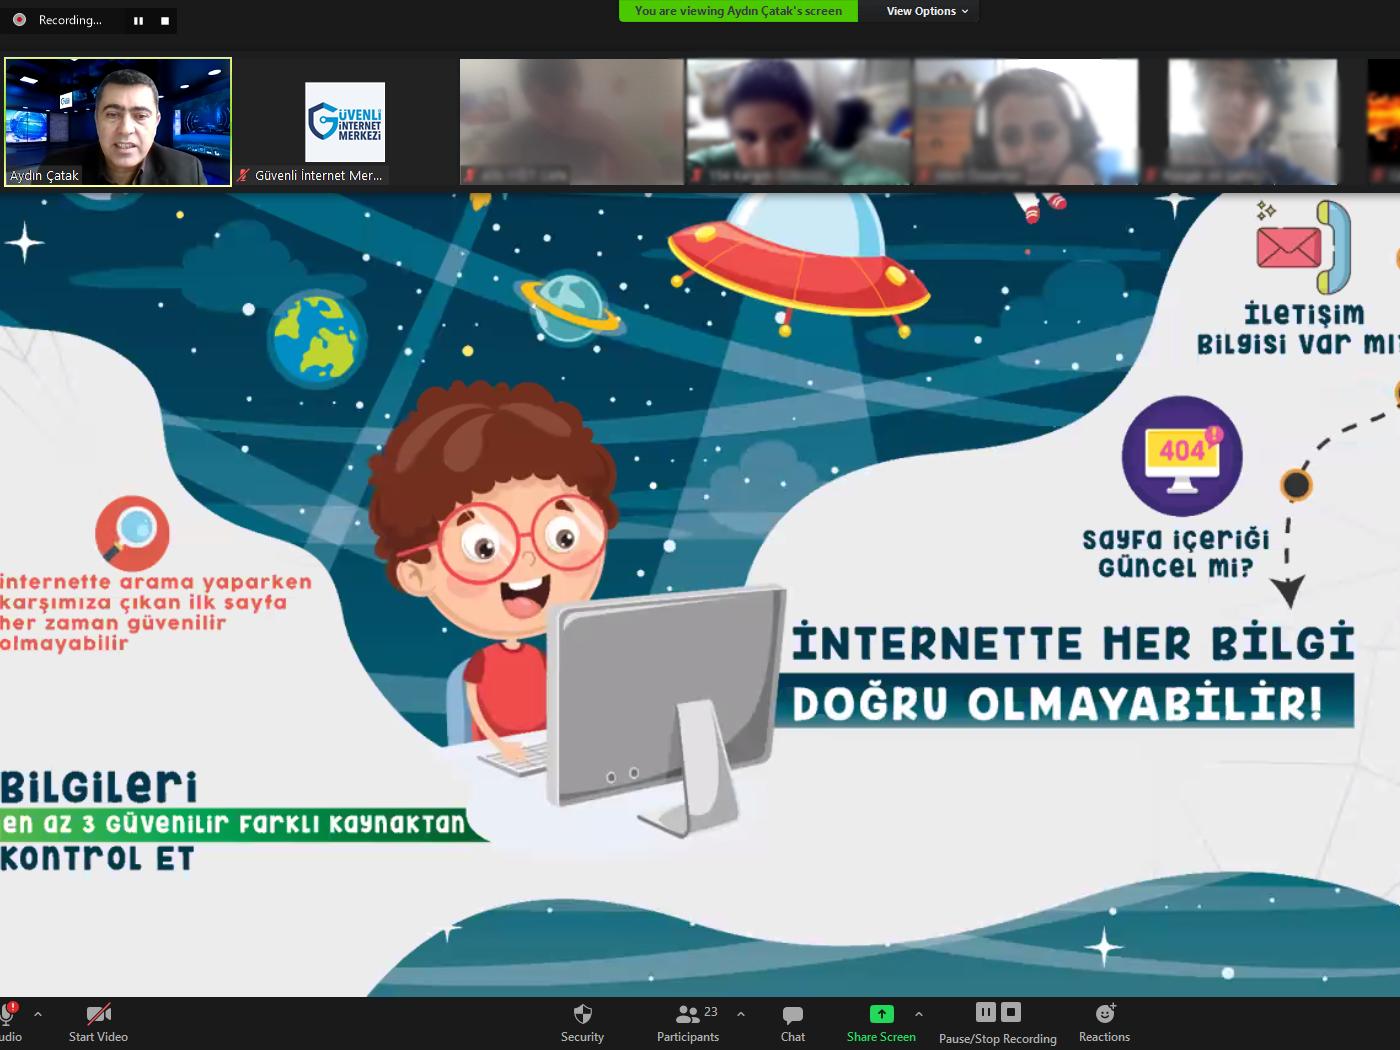 İzmir Karşıyaka Aydoğan Yağcı Bilim ve Sanat Merkezi Öğrencilerine Yönelik Online Eğitim